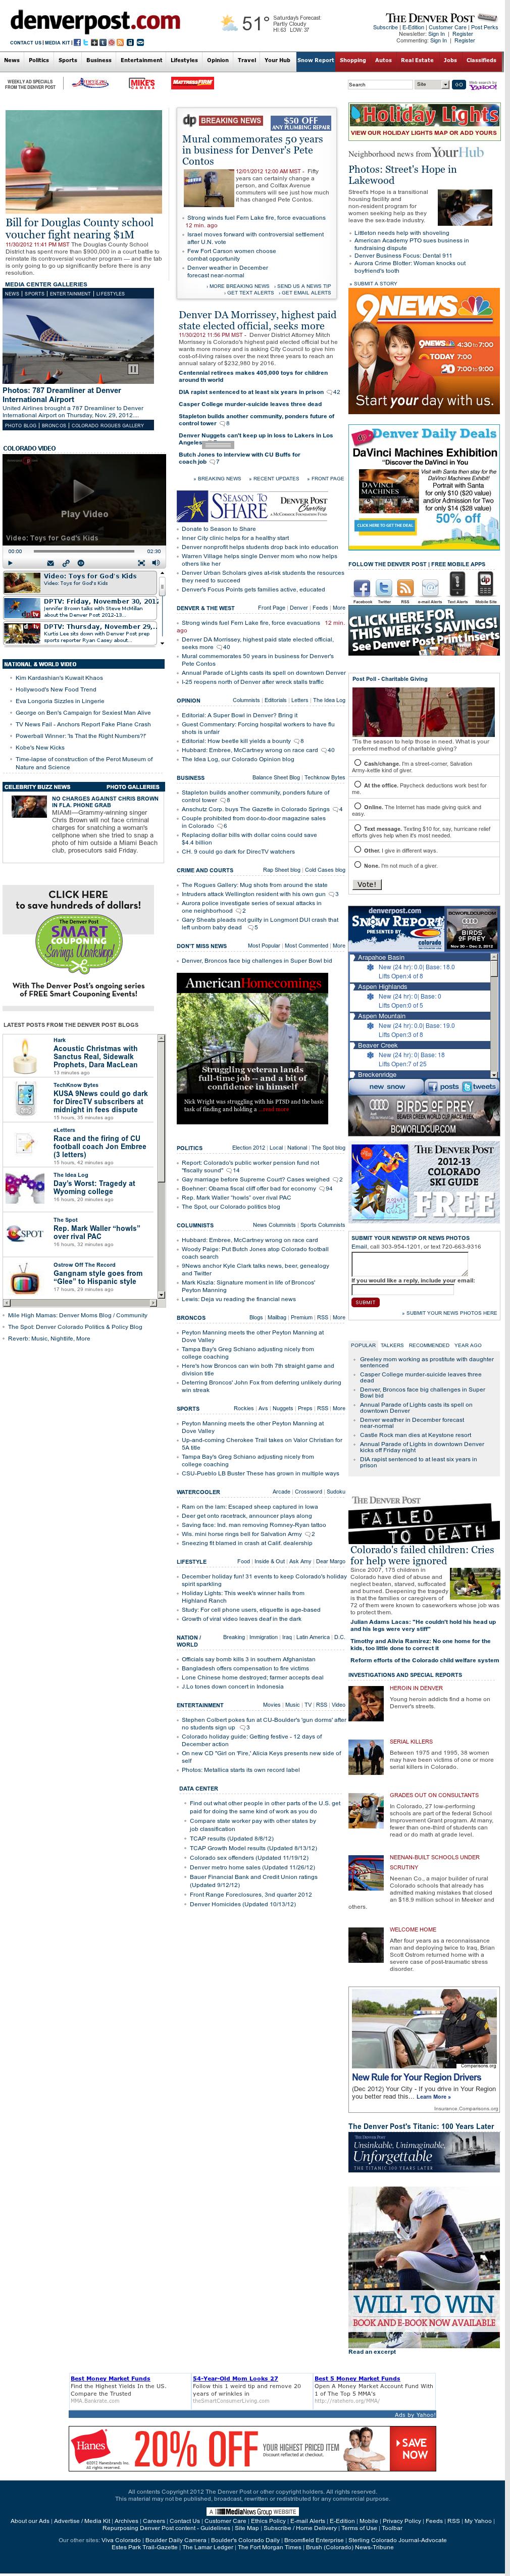 Denver Post at Saturday Dec. 1, 2012, 4:06 p.m. UTC